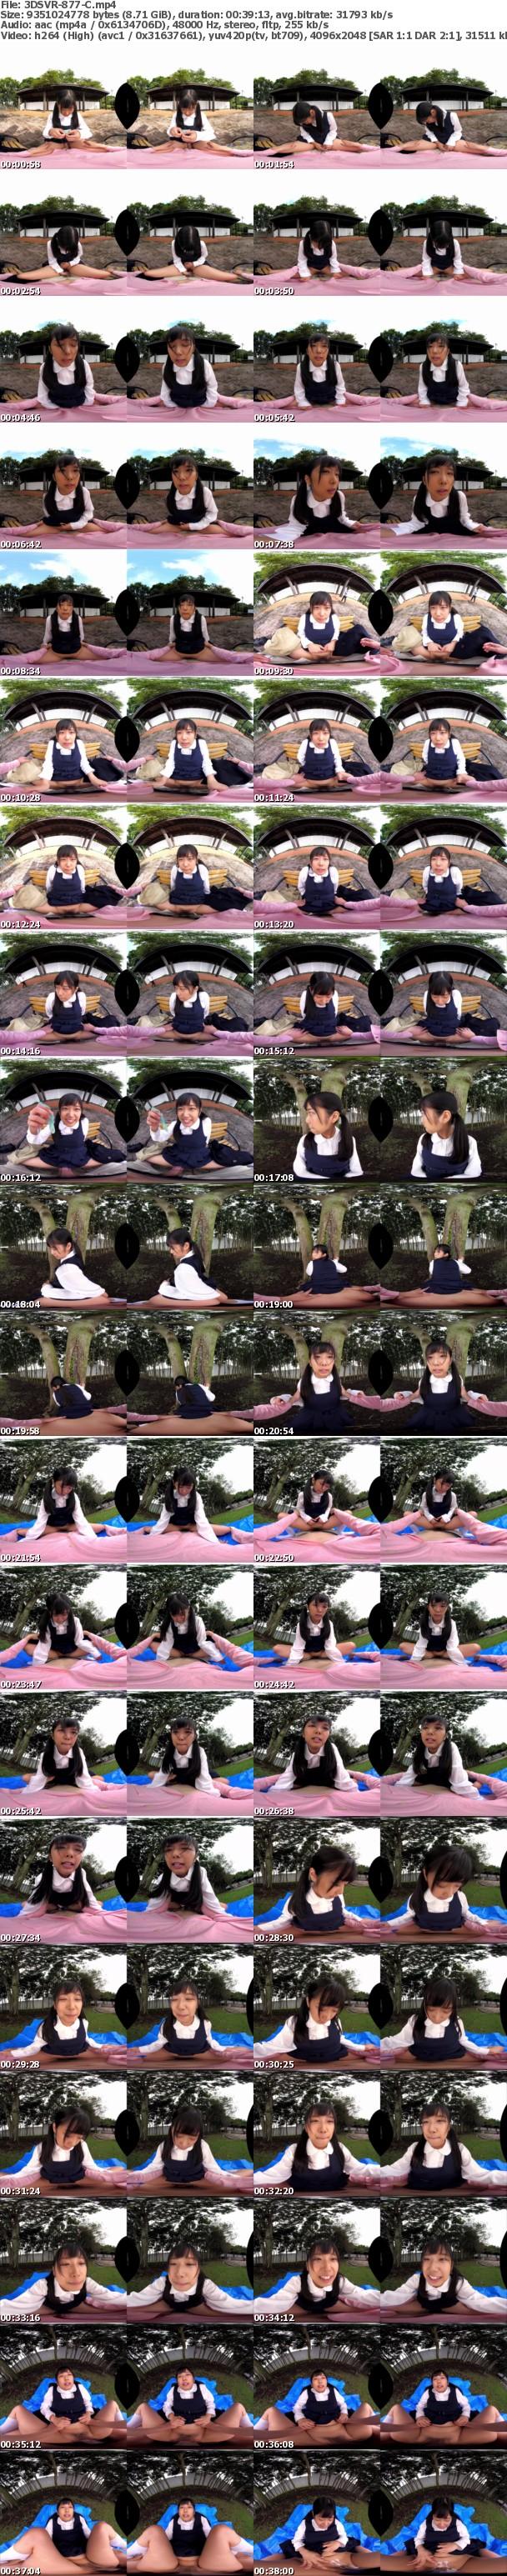 (VR) 3DSVR-877 【私、イメトレだけは万全ですっ!】エッチなことで頭がいっぱいなウブっ子と近所の公園でこっそり触りあいっこ